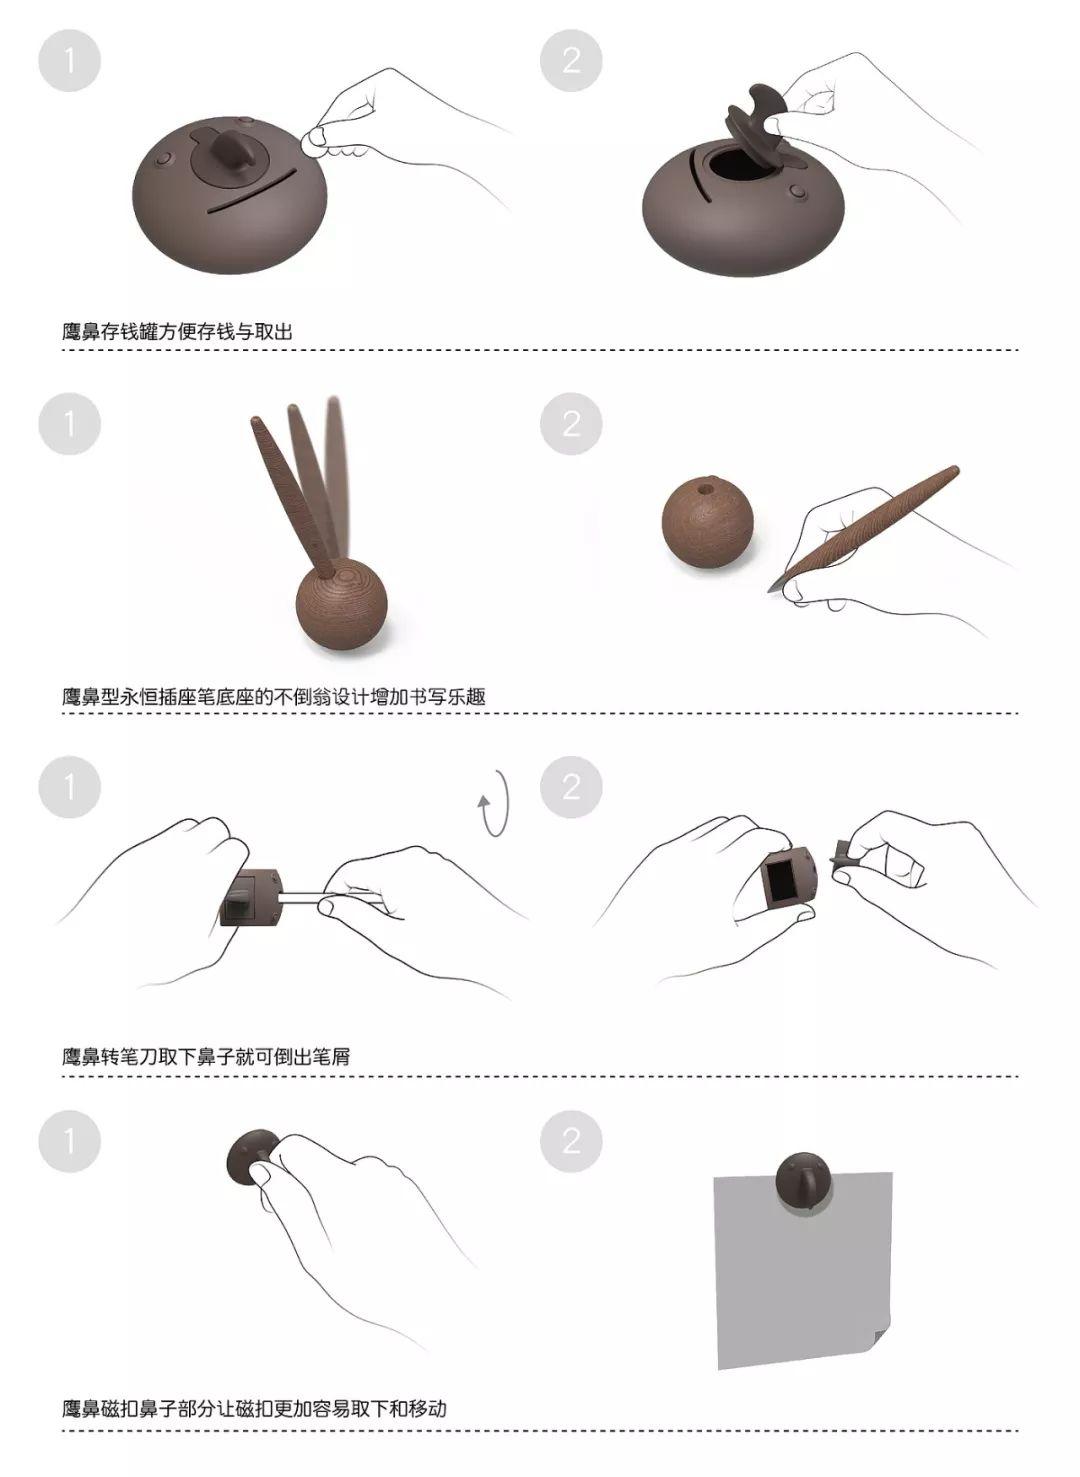 【手绘周报-第36期】创意文具设计